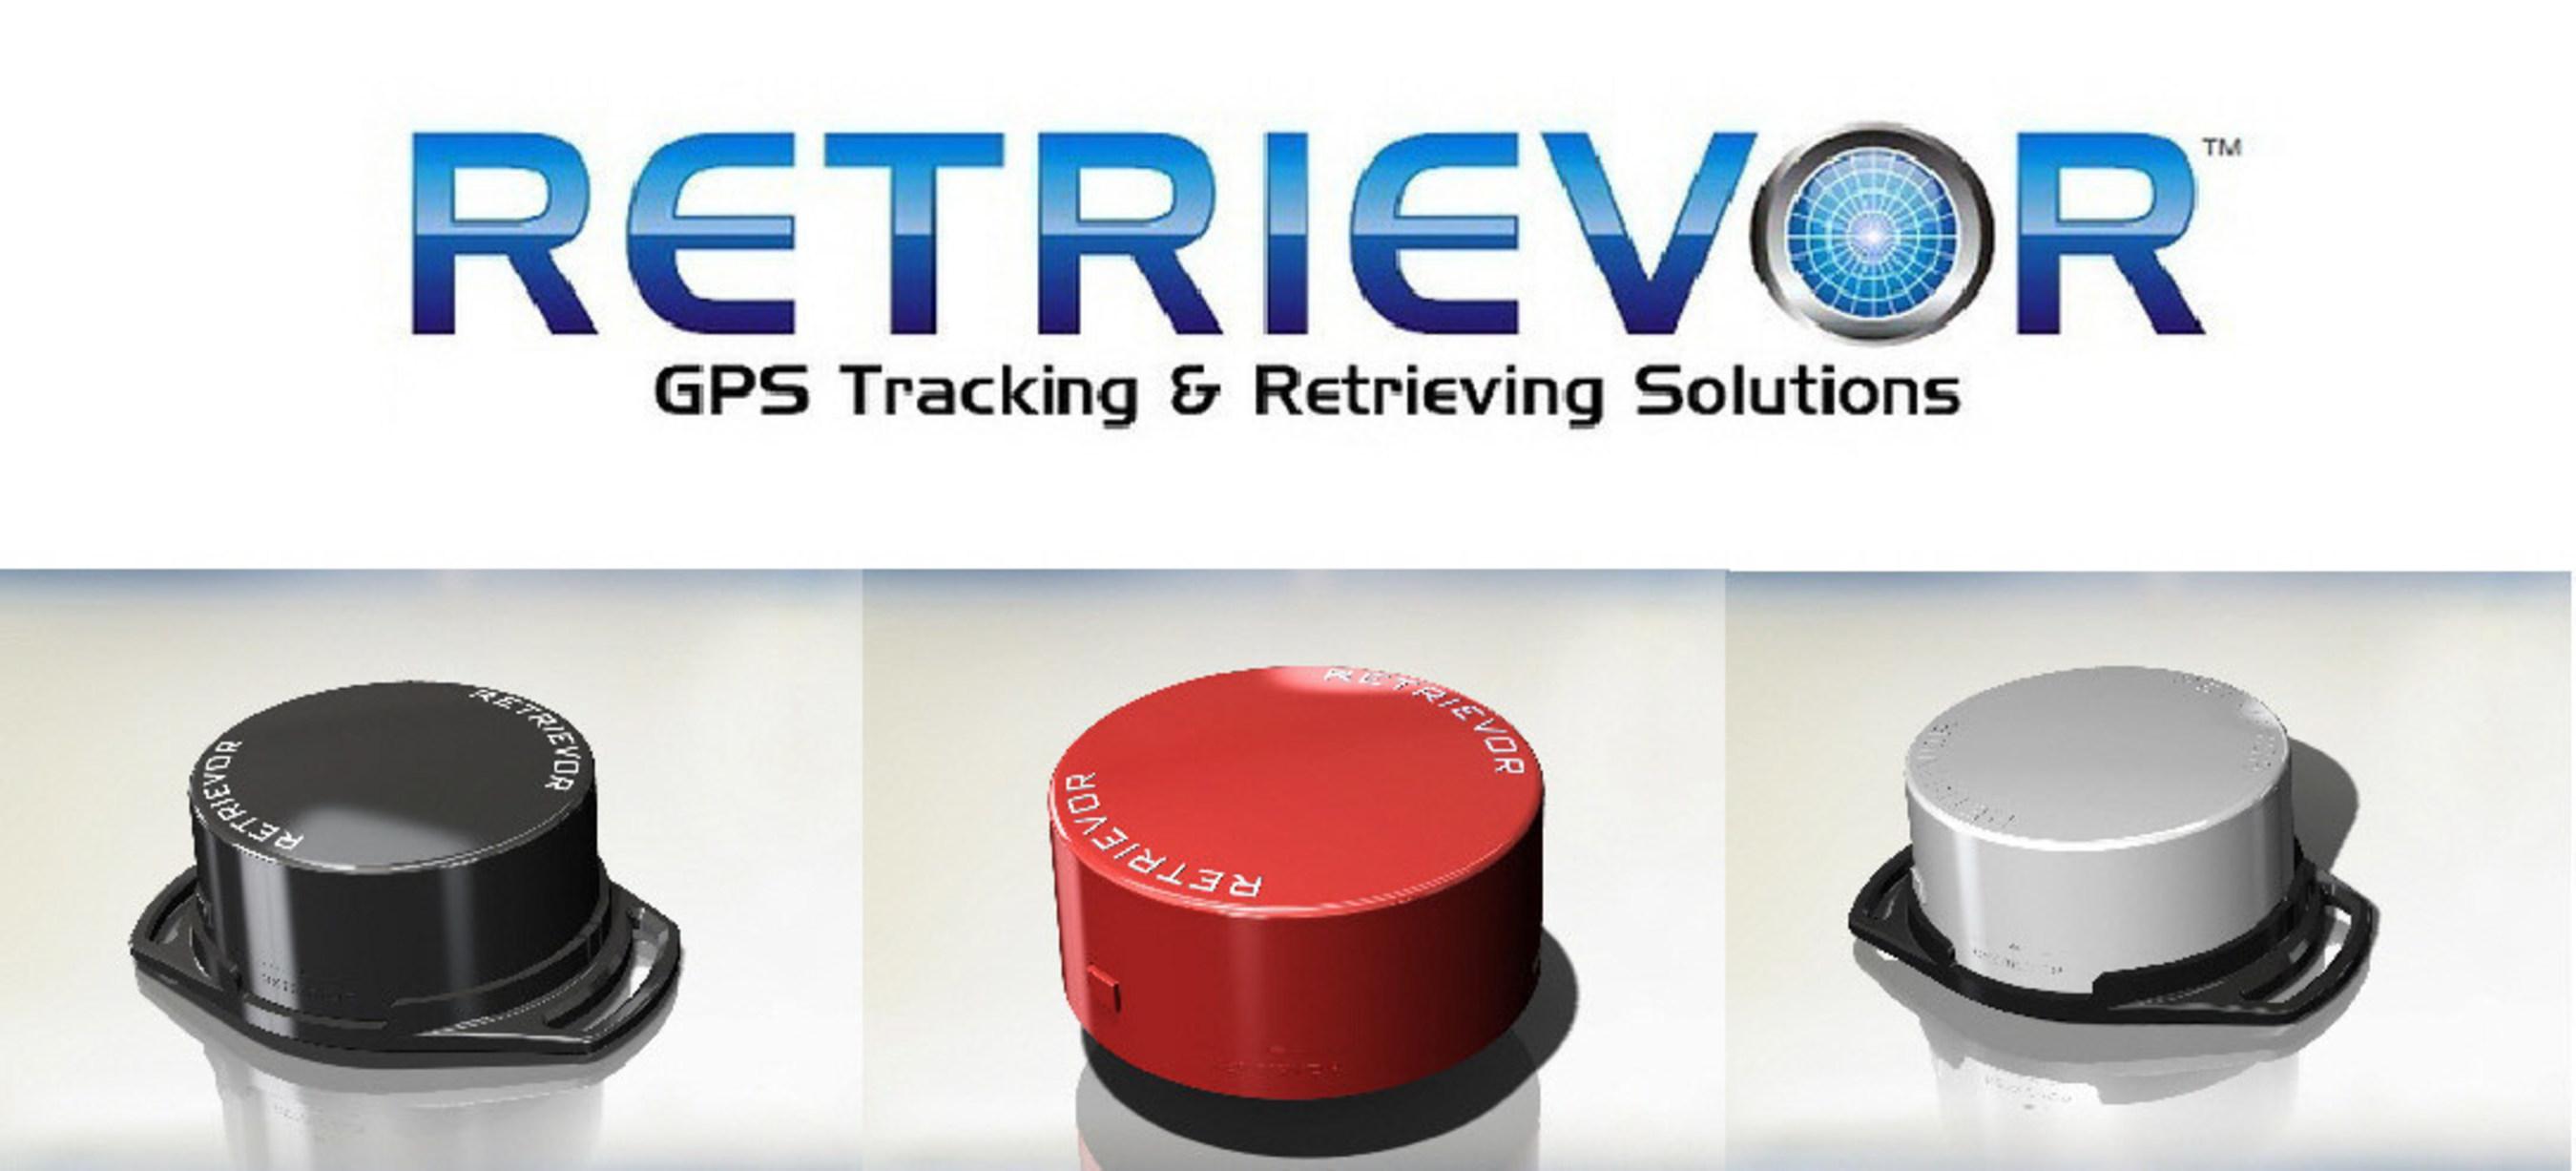 Retrievor Introduces Their Eagerly Anticipated RT-101 GPS Tracker